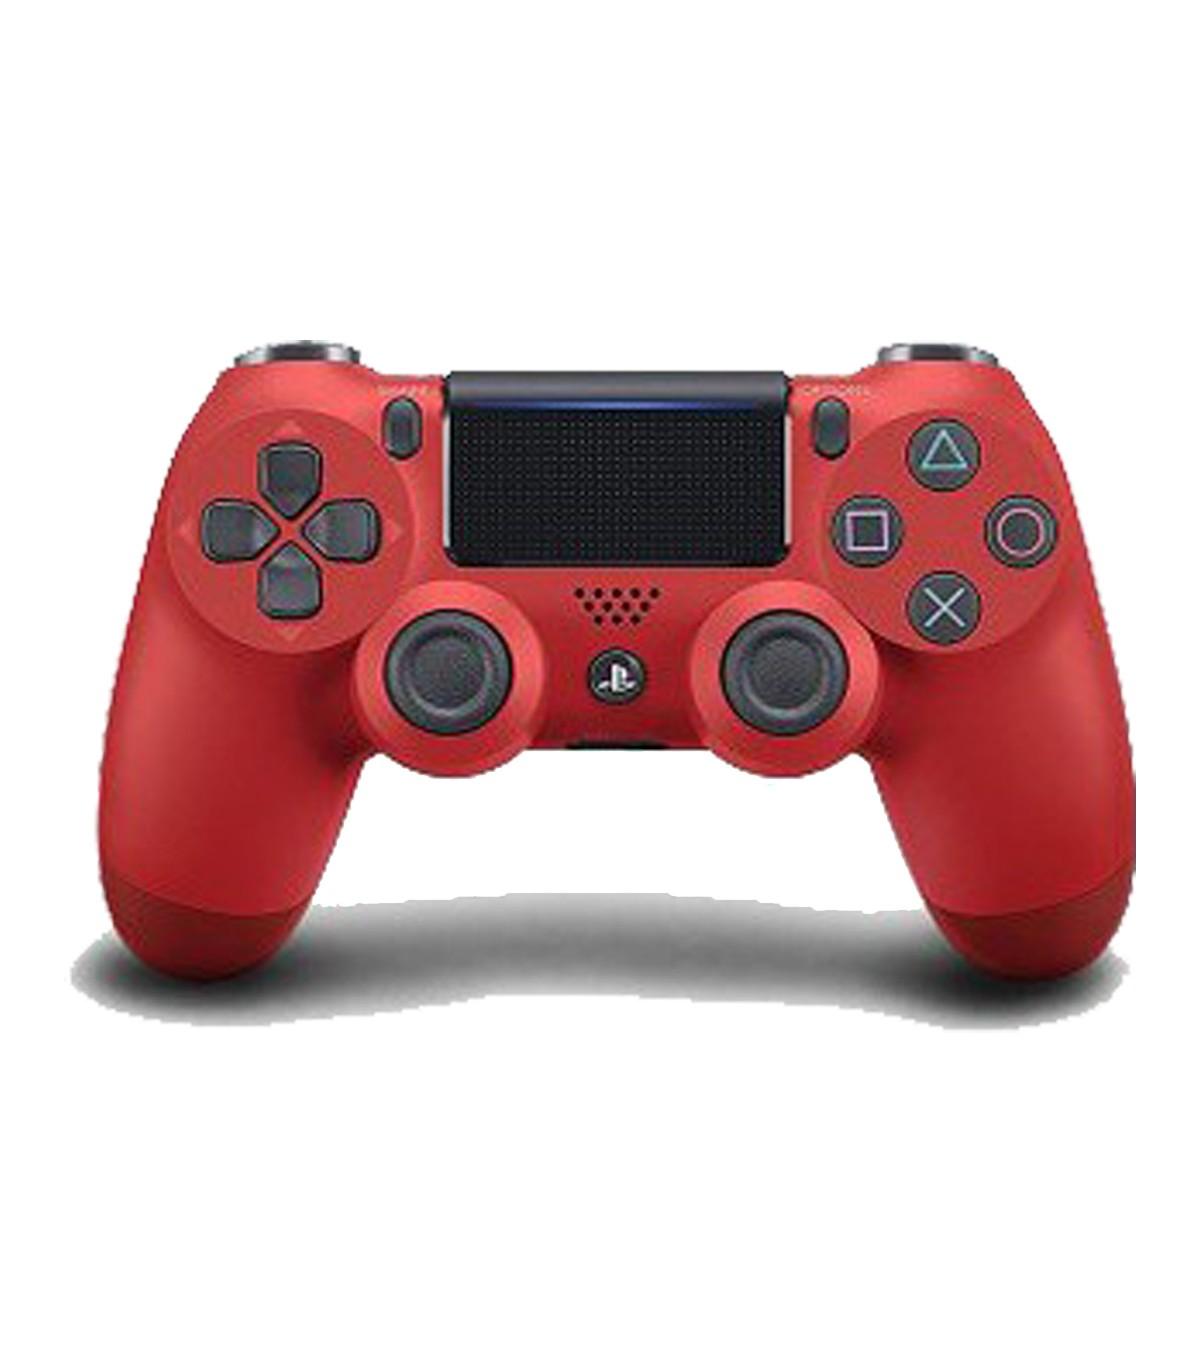 دسته قرمز اسلیم DualShock 4 Red Slim Wireless Controller